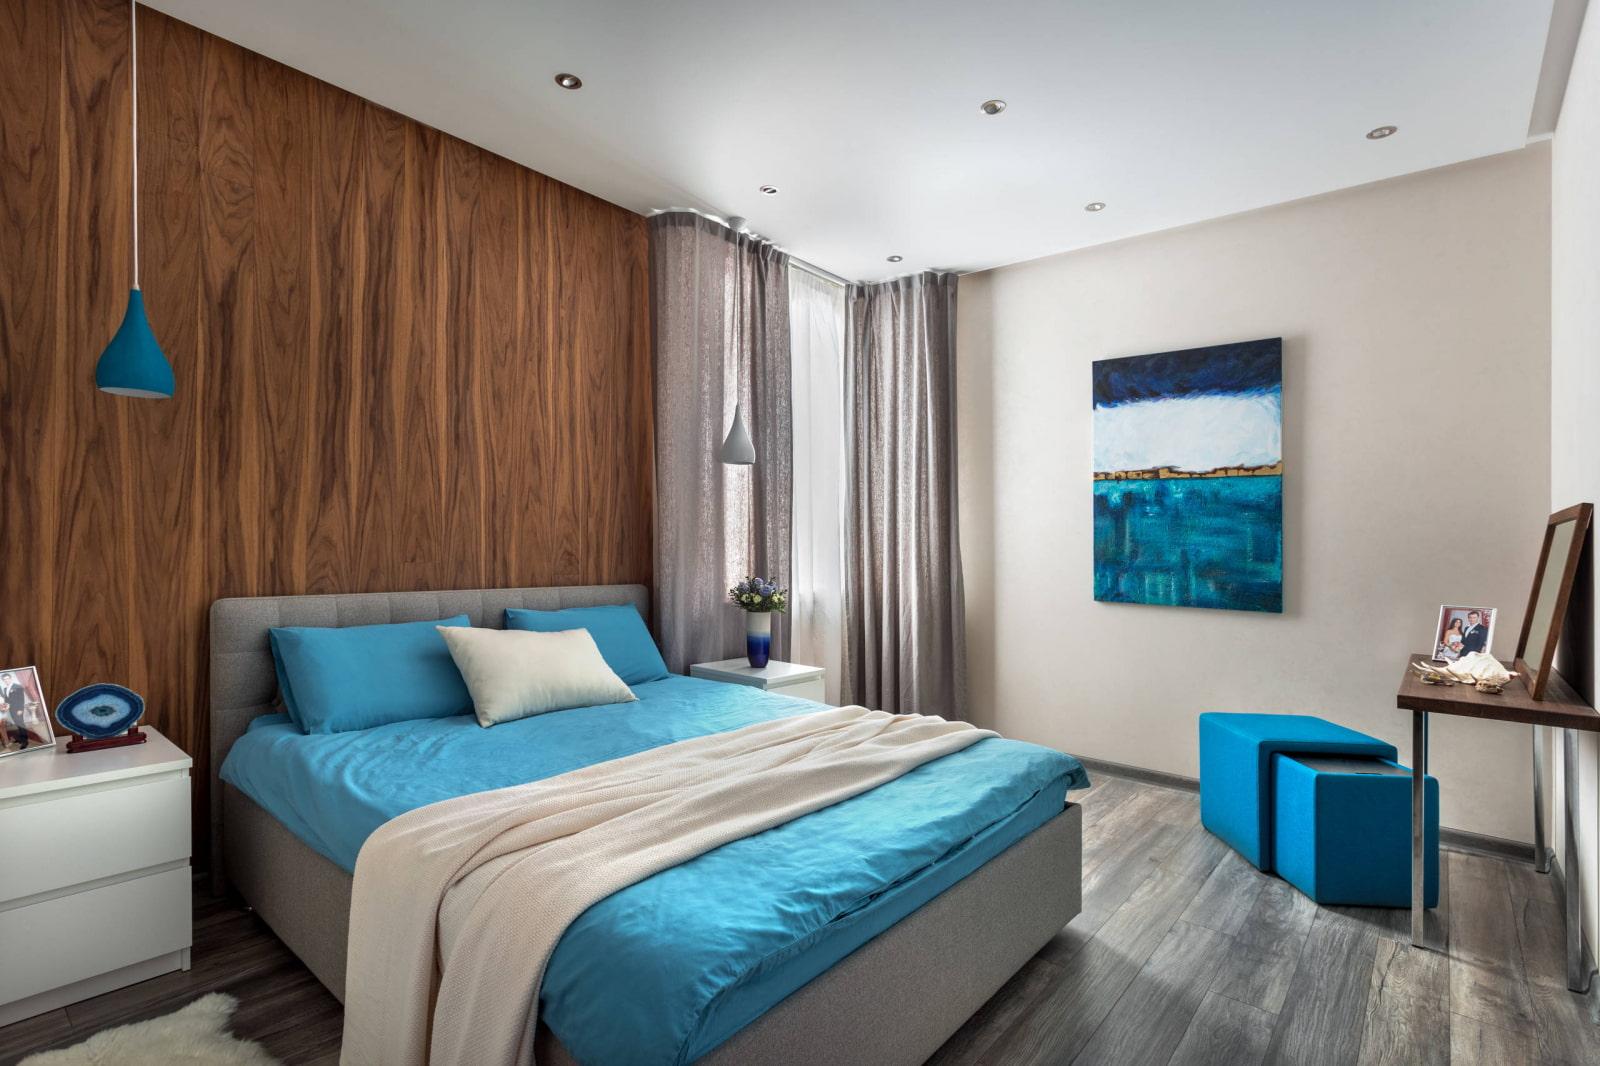 Модная покраска стен в спальне (39 фото): идеи и варианты дизайна стен 2020 в интерьере, как правильно и эффектно покрасить стены